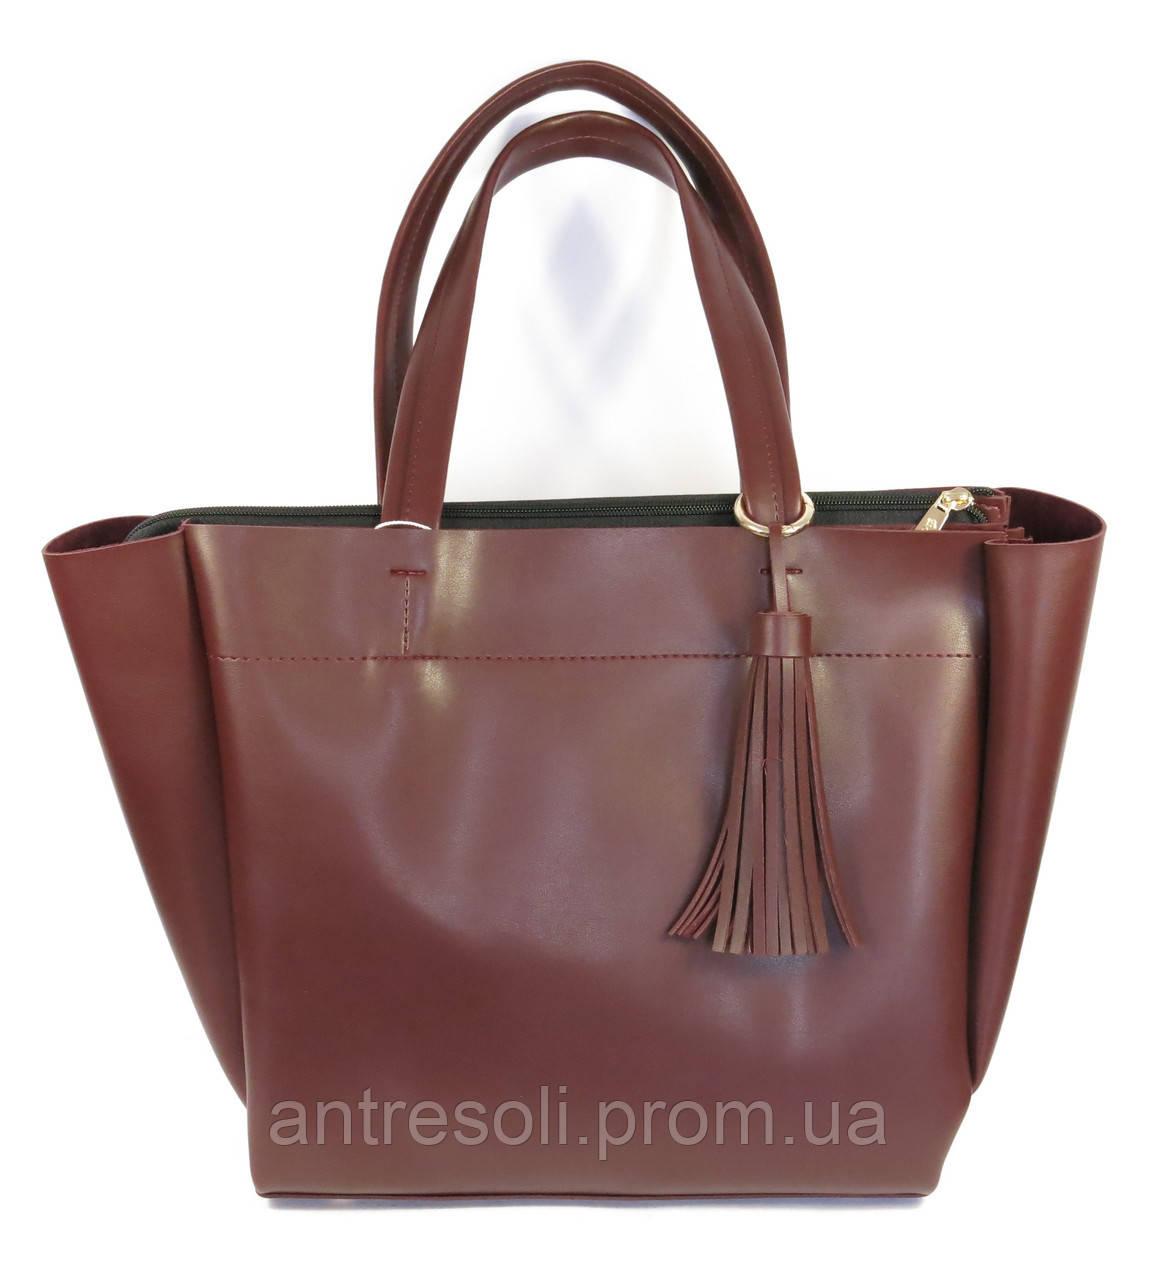 Женская бордовая сумка Одесса